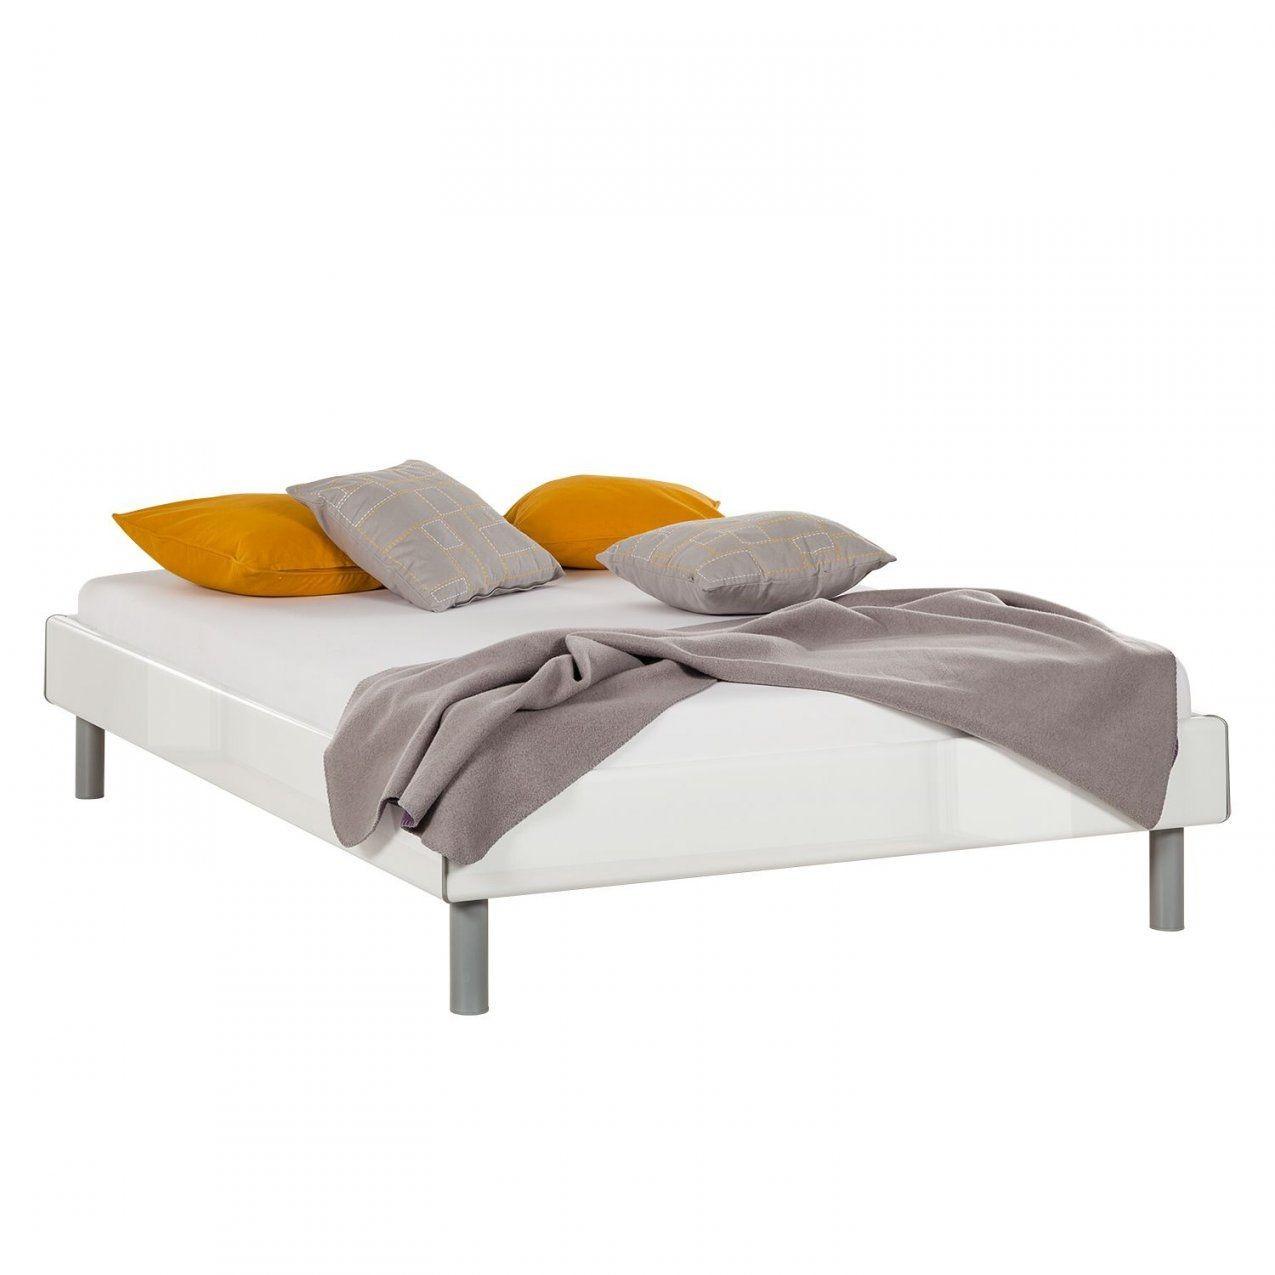 Bett Weis 120x200 Gebraucht 140x200 Metall 90x200 Mit Bettkasten Cm